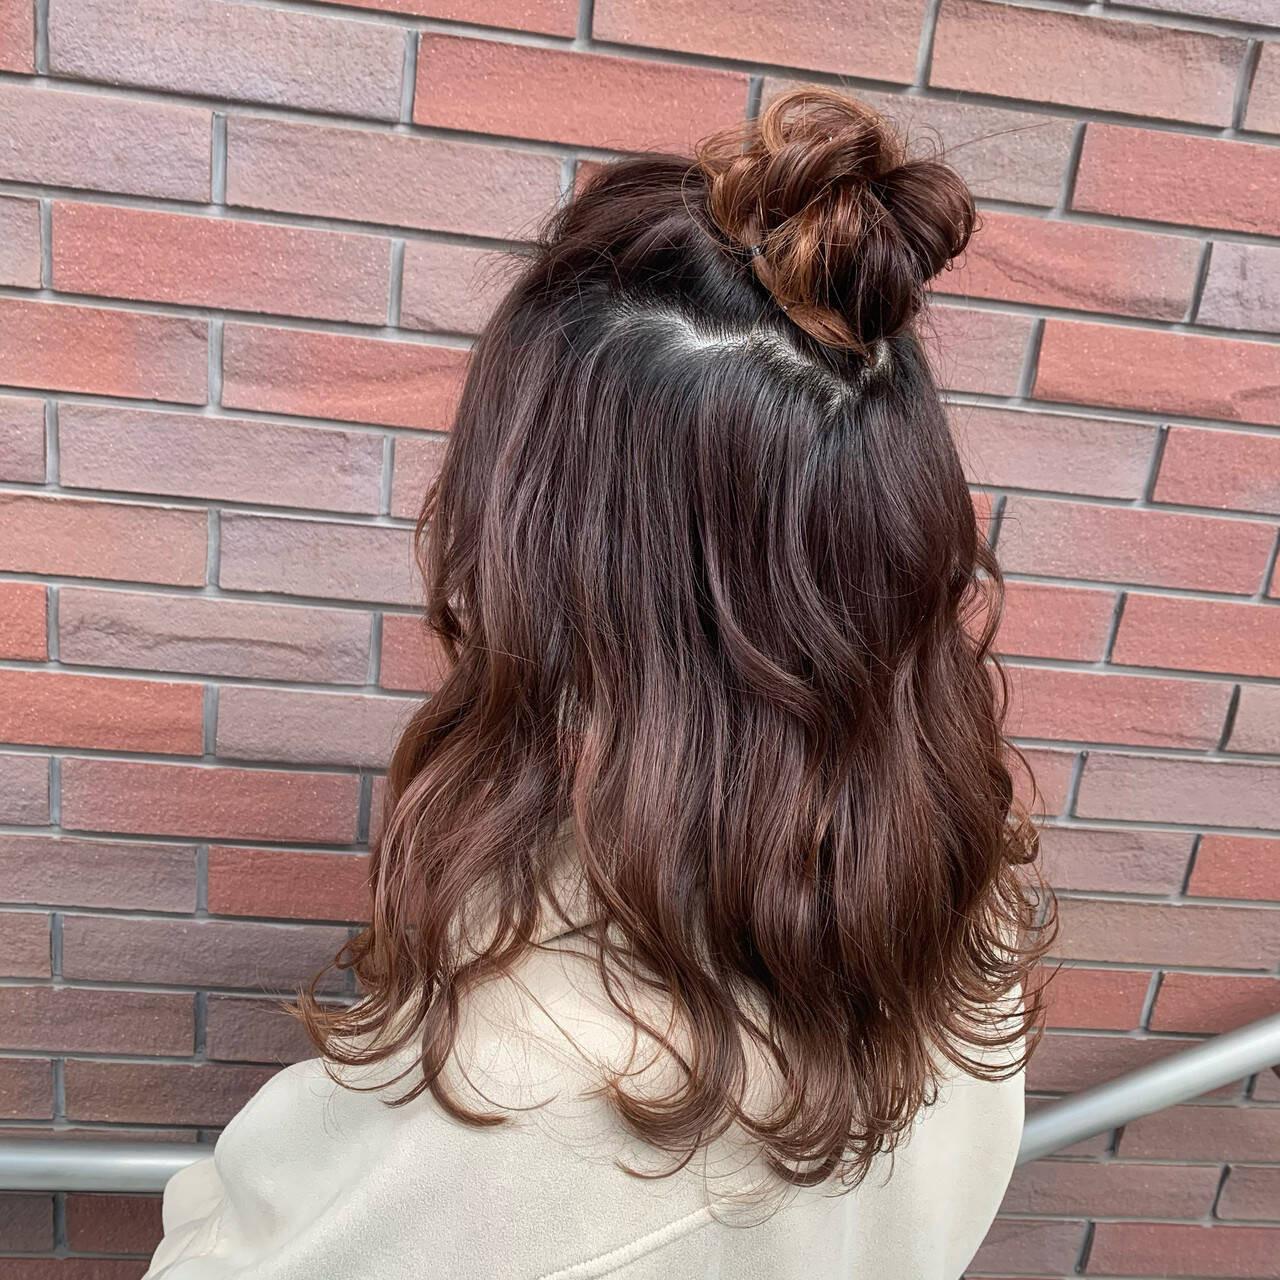 お団子付きのハーフアップ 古沢みづき  hair&makeEARTH 菊名店